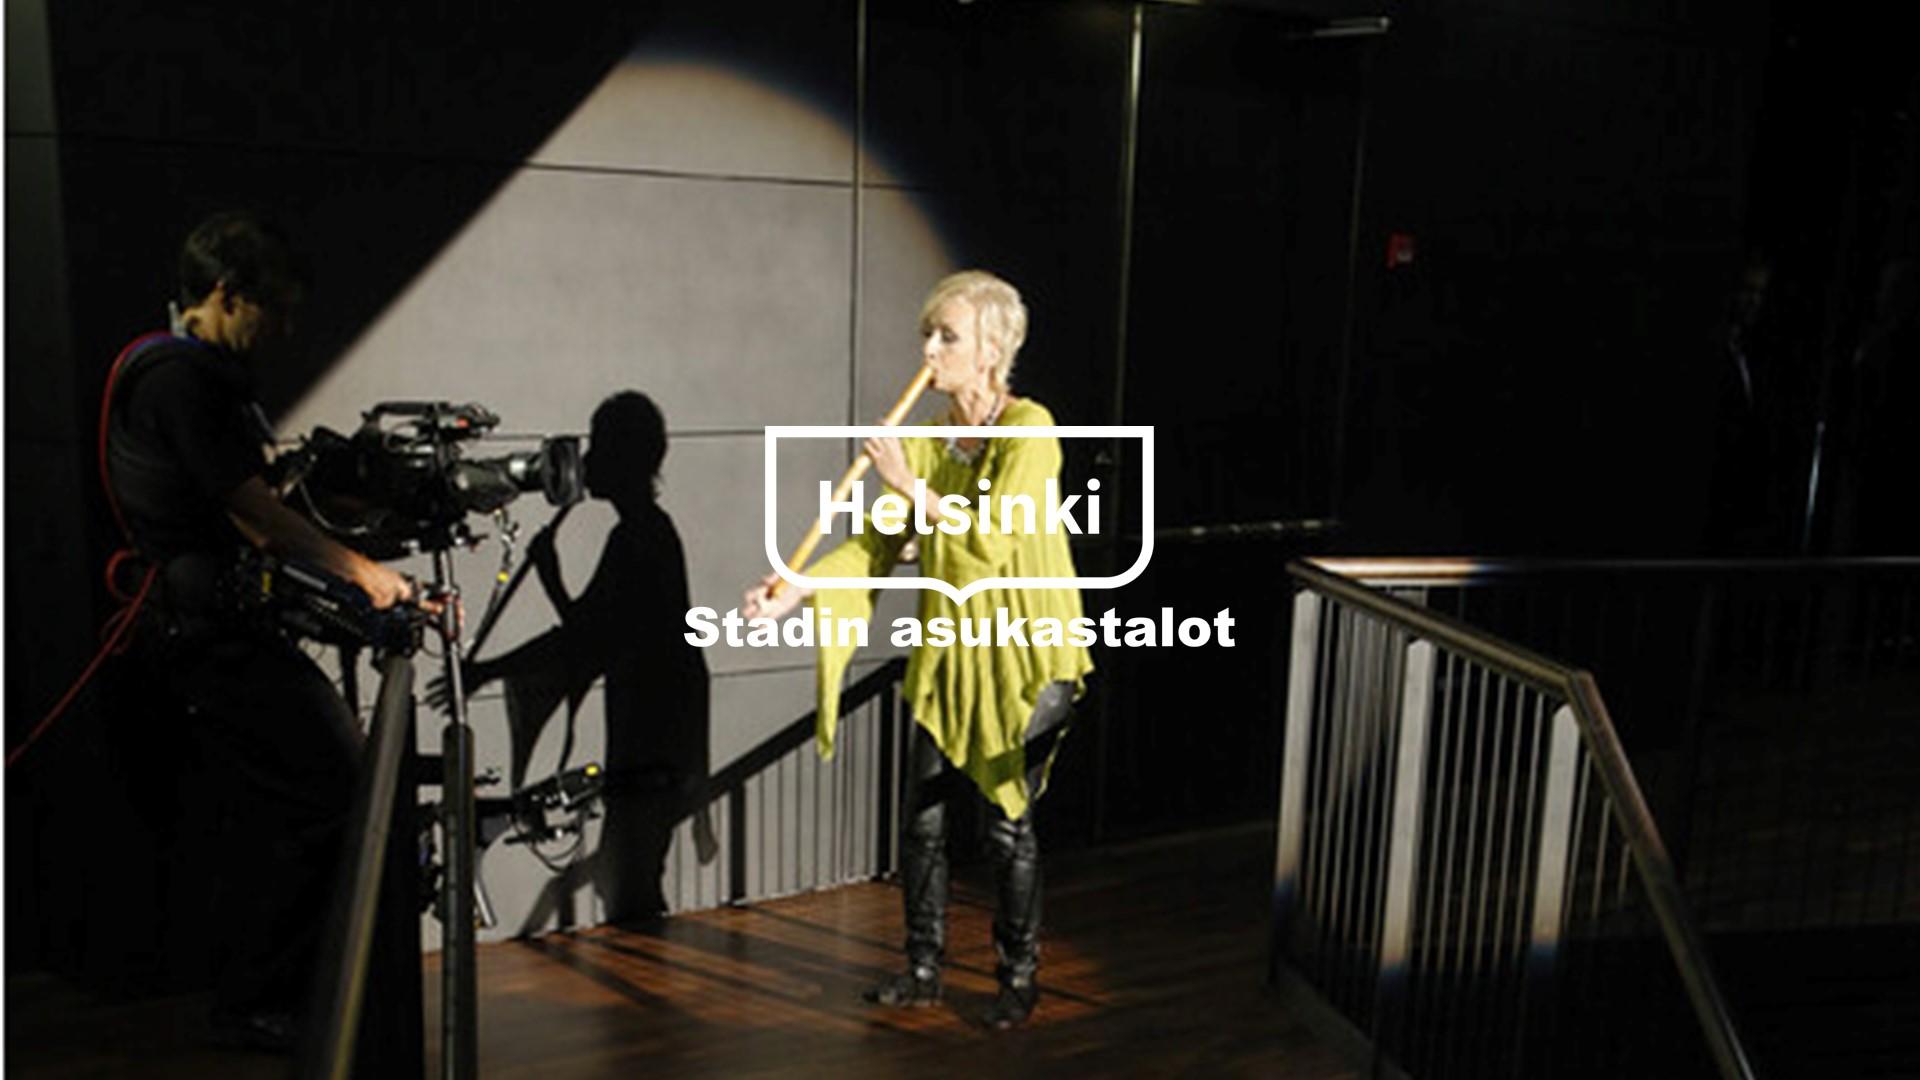 Linkki tapahtumaan Retki Suurmestari-ohjelman nauhoitusten studioyleisöksi MTV:n studiolle Pasilaan